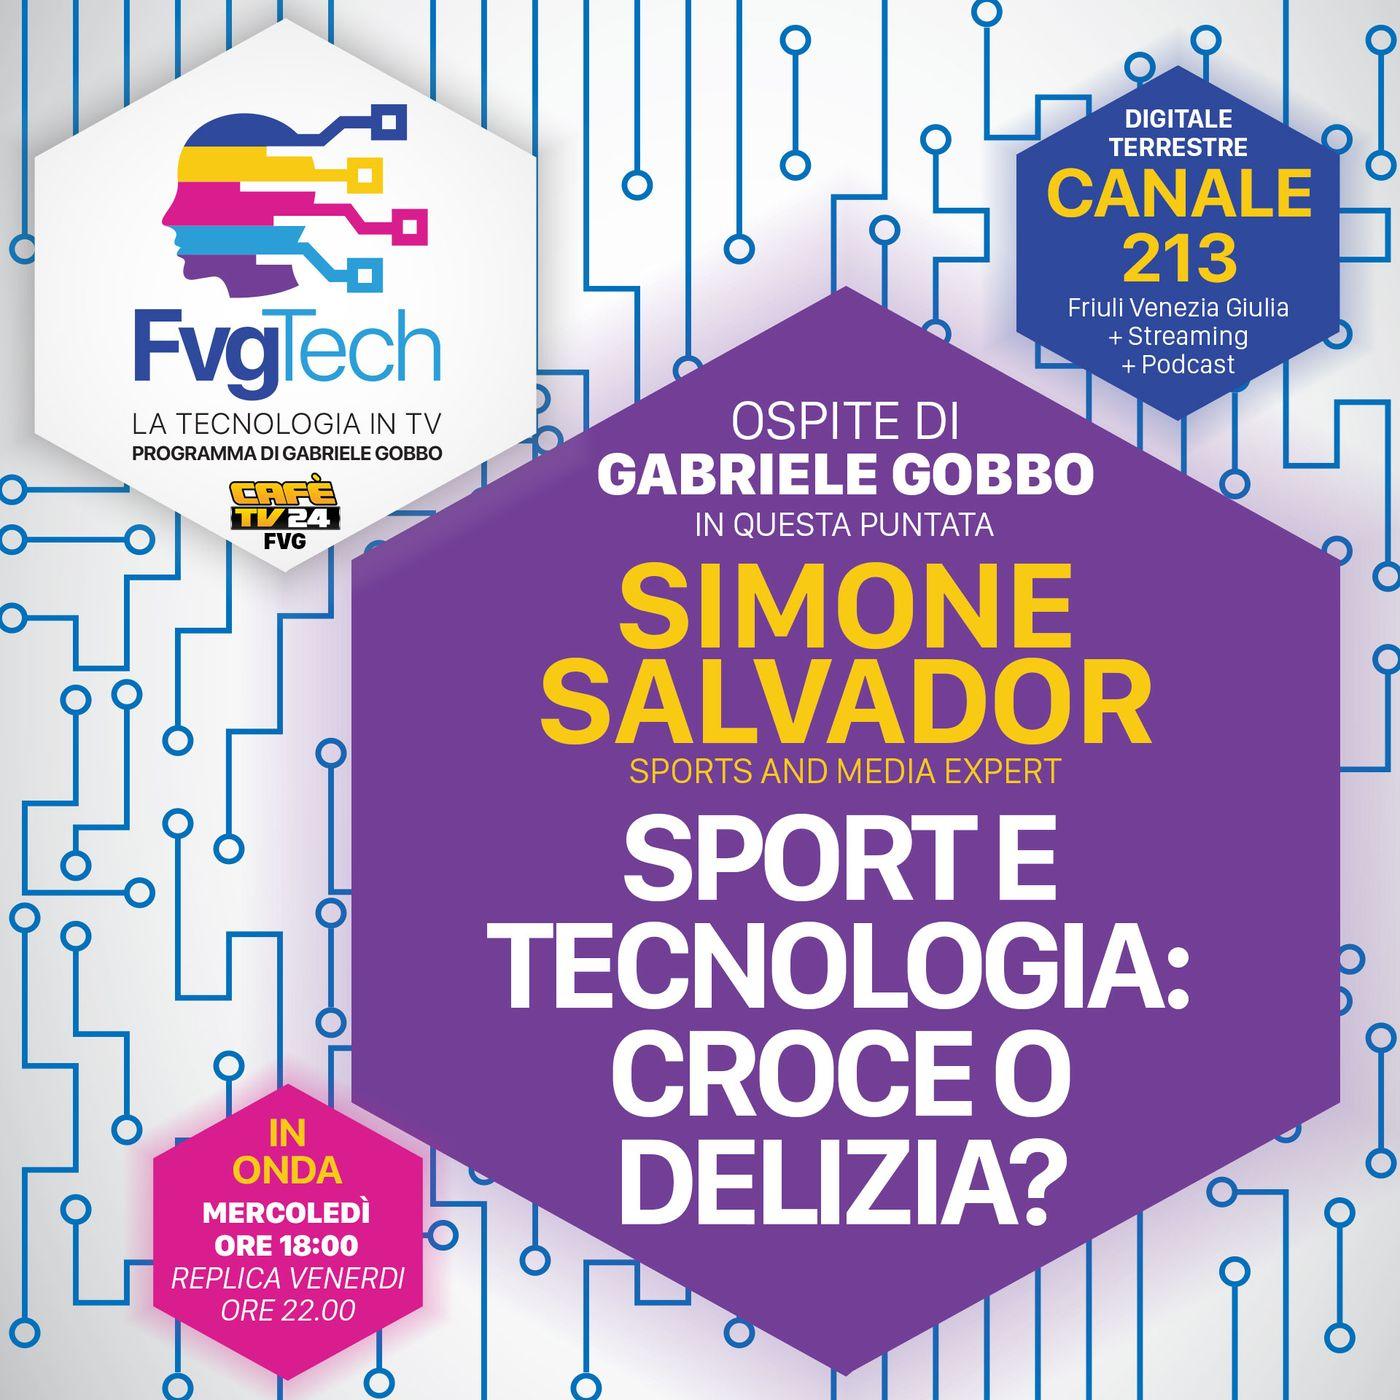 57 - Sport e tecnologia: croce o delizia? Ospite Simone Salvador